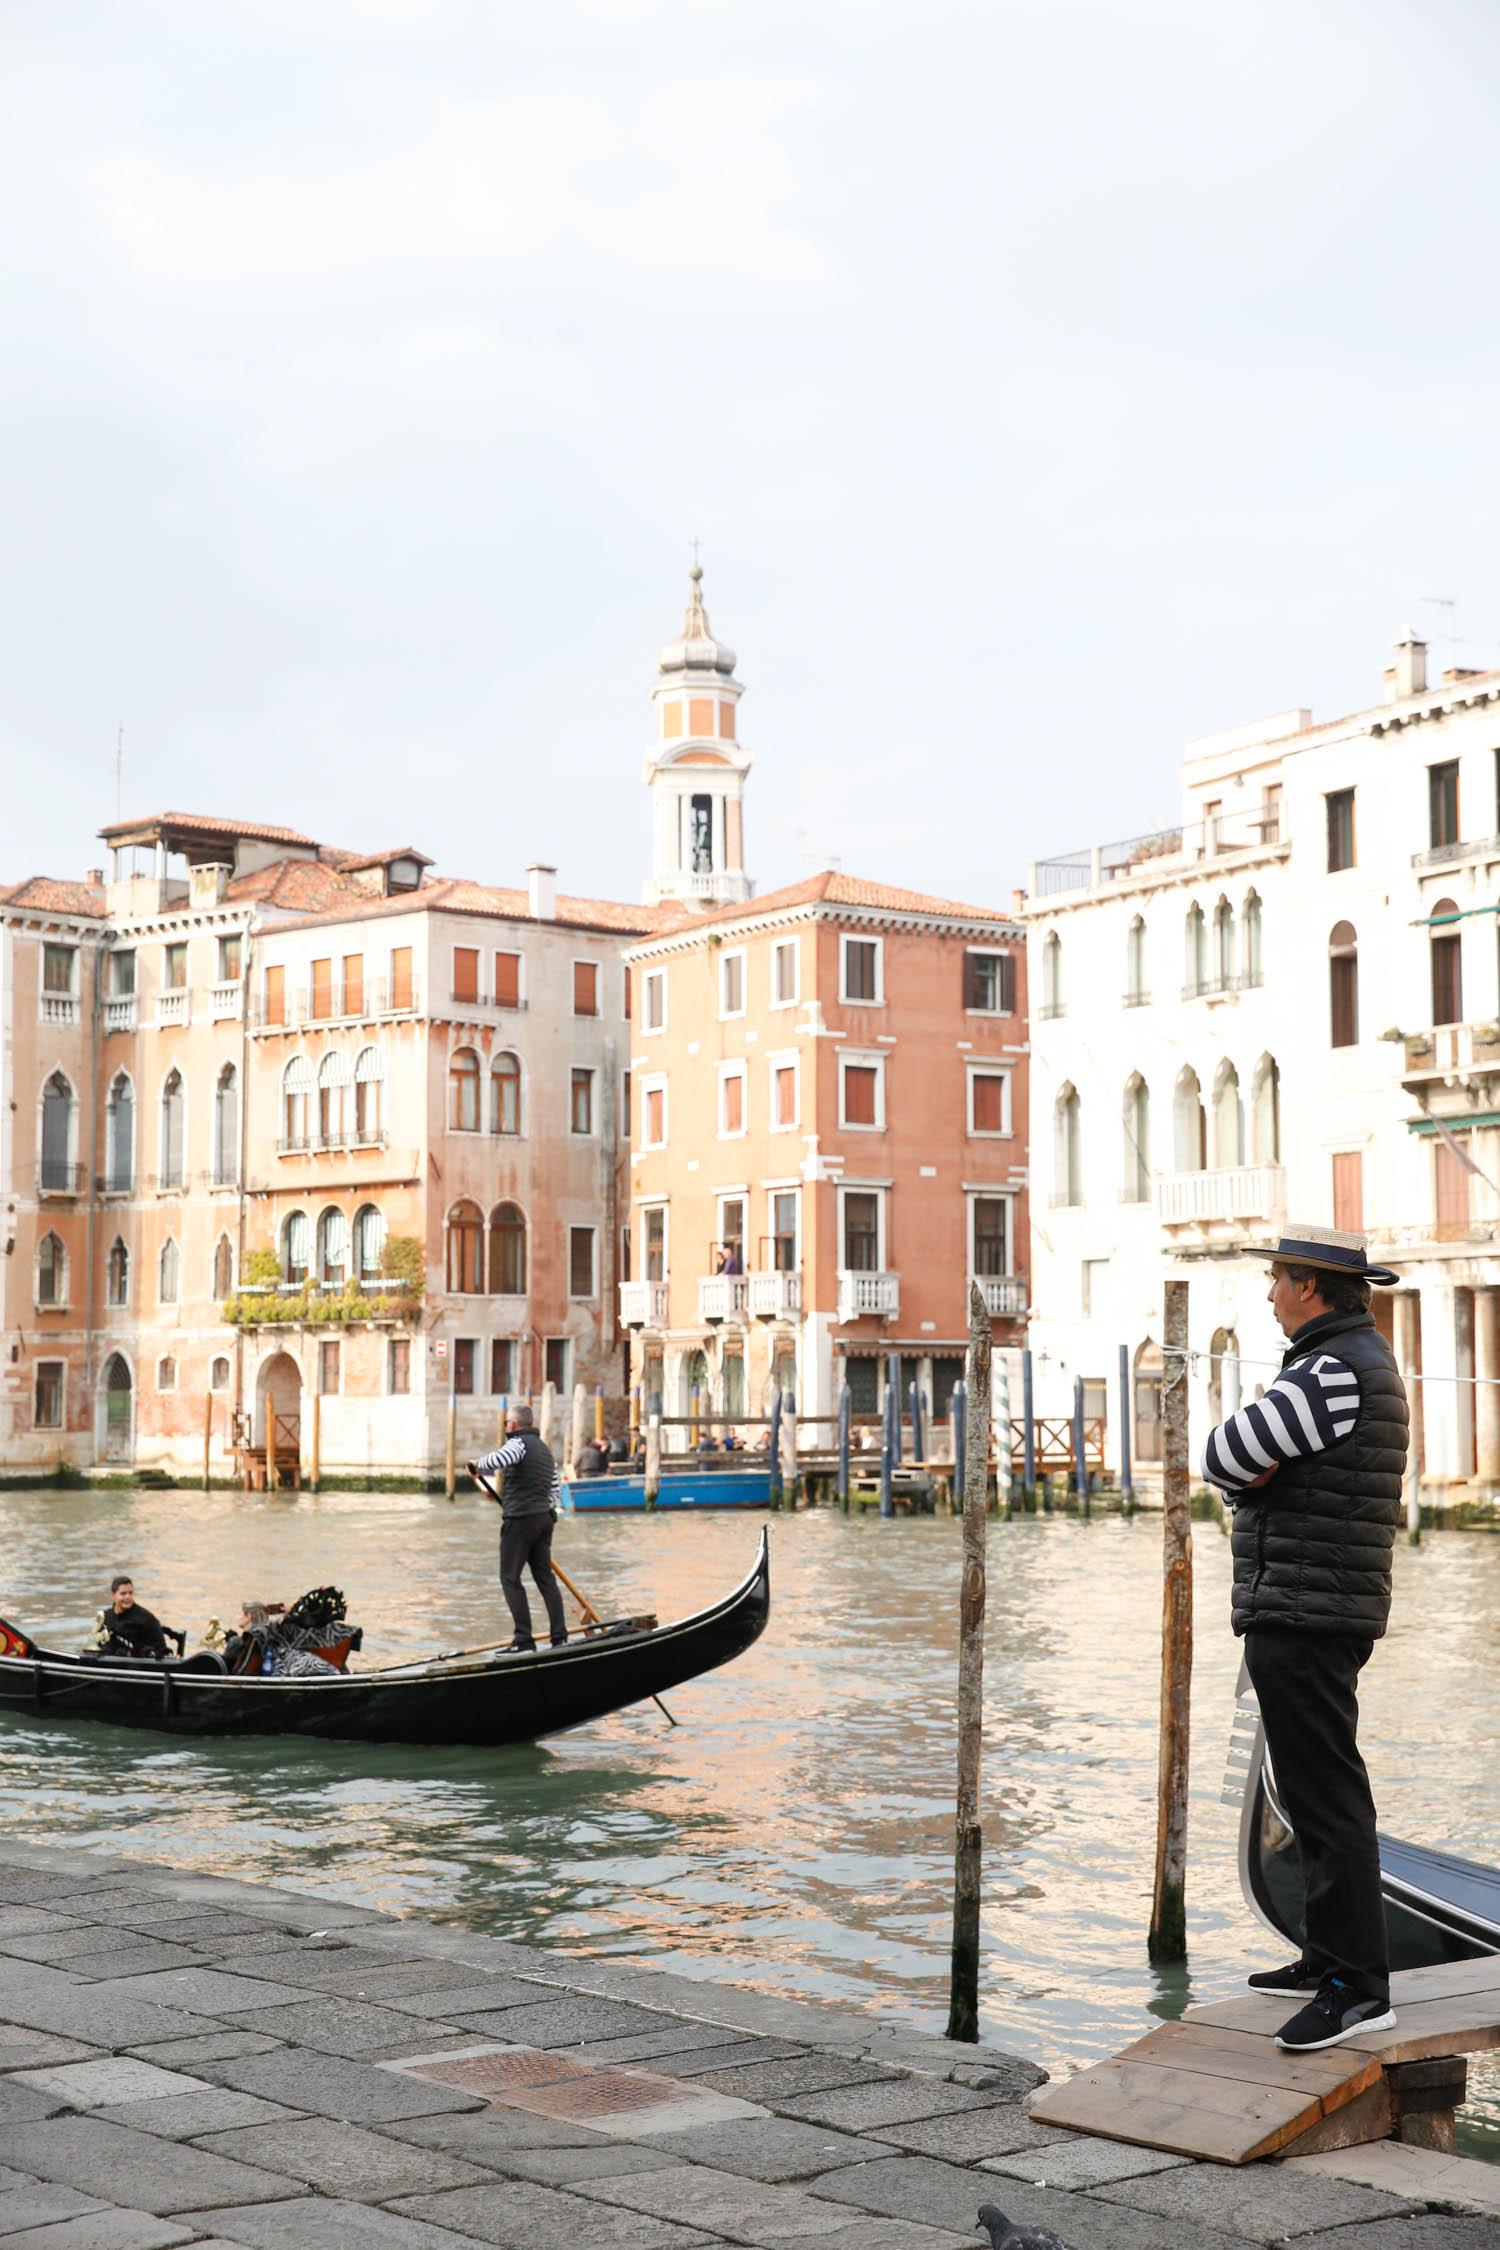 venice, italy, venezia, venice travel diary, alyson haley, gondola, gondoliere